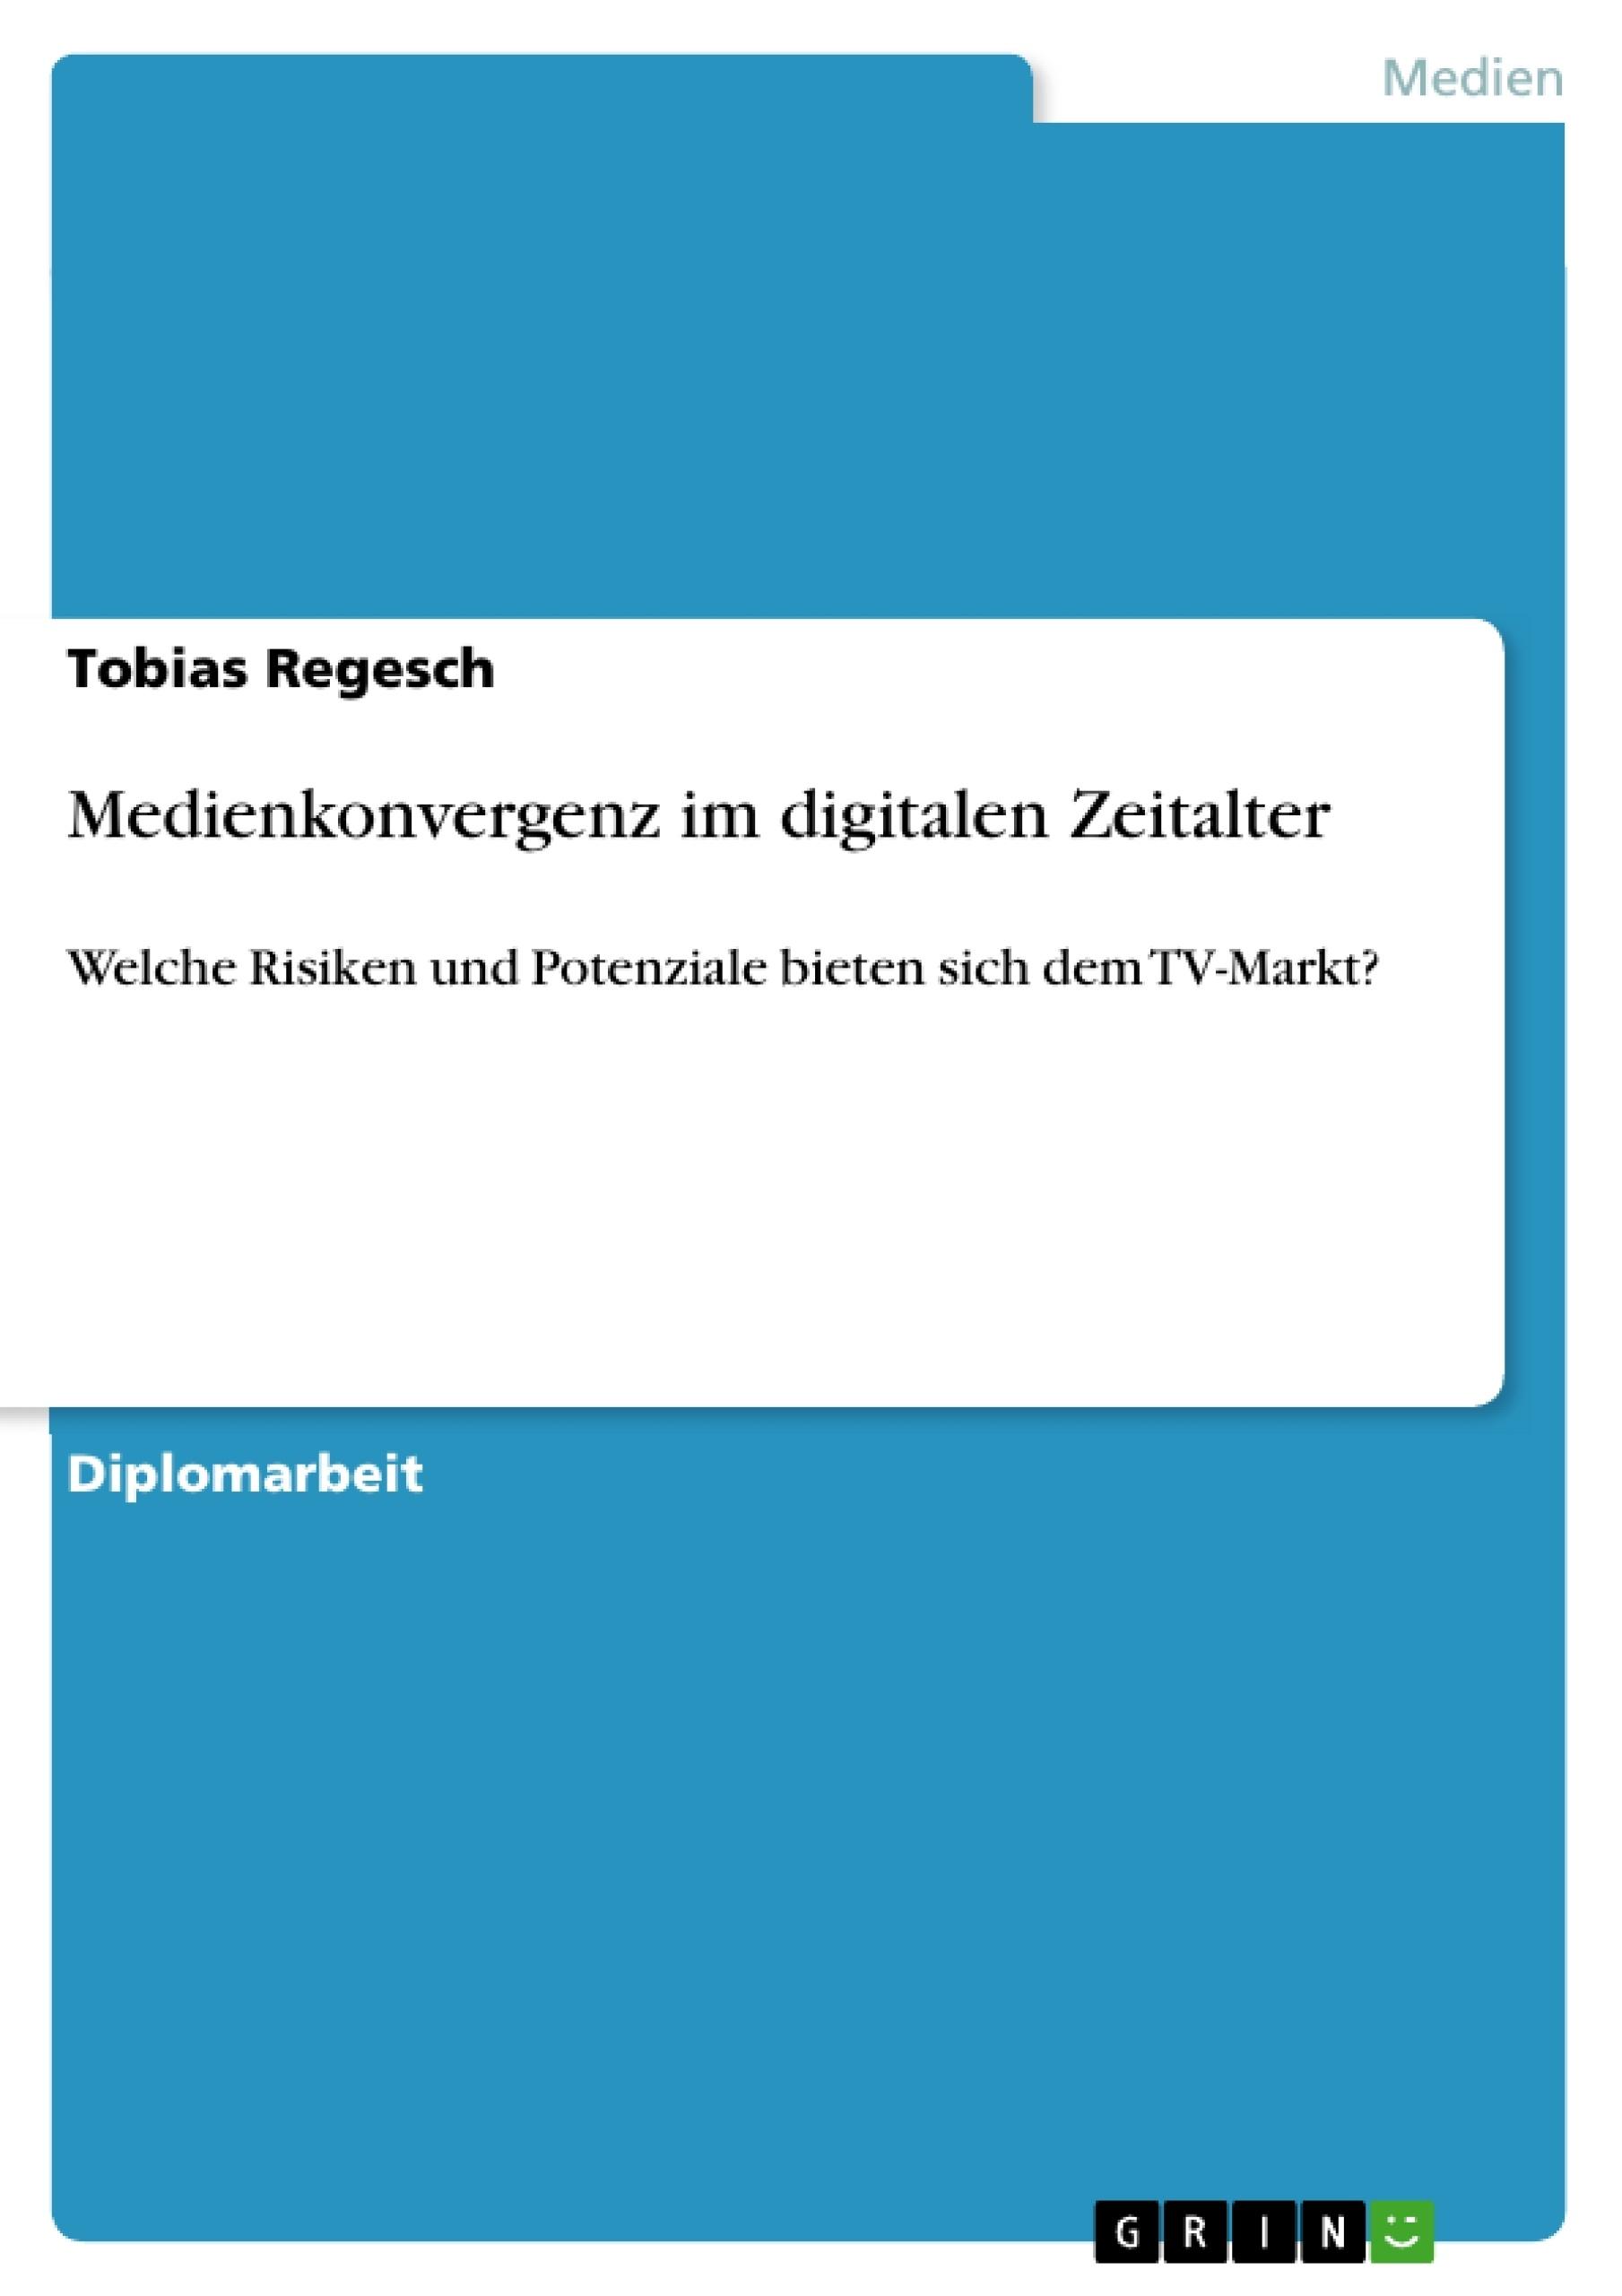 Titel: Medienkonvergenz im digitalen Zeitalter